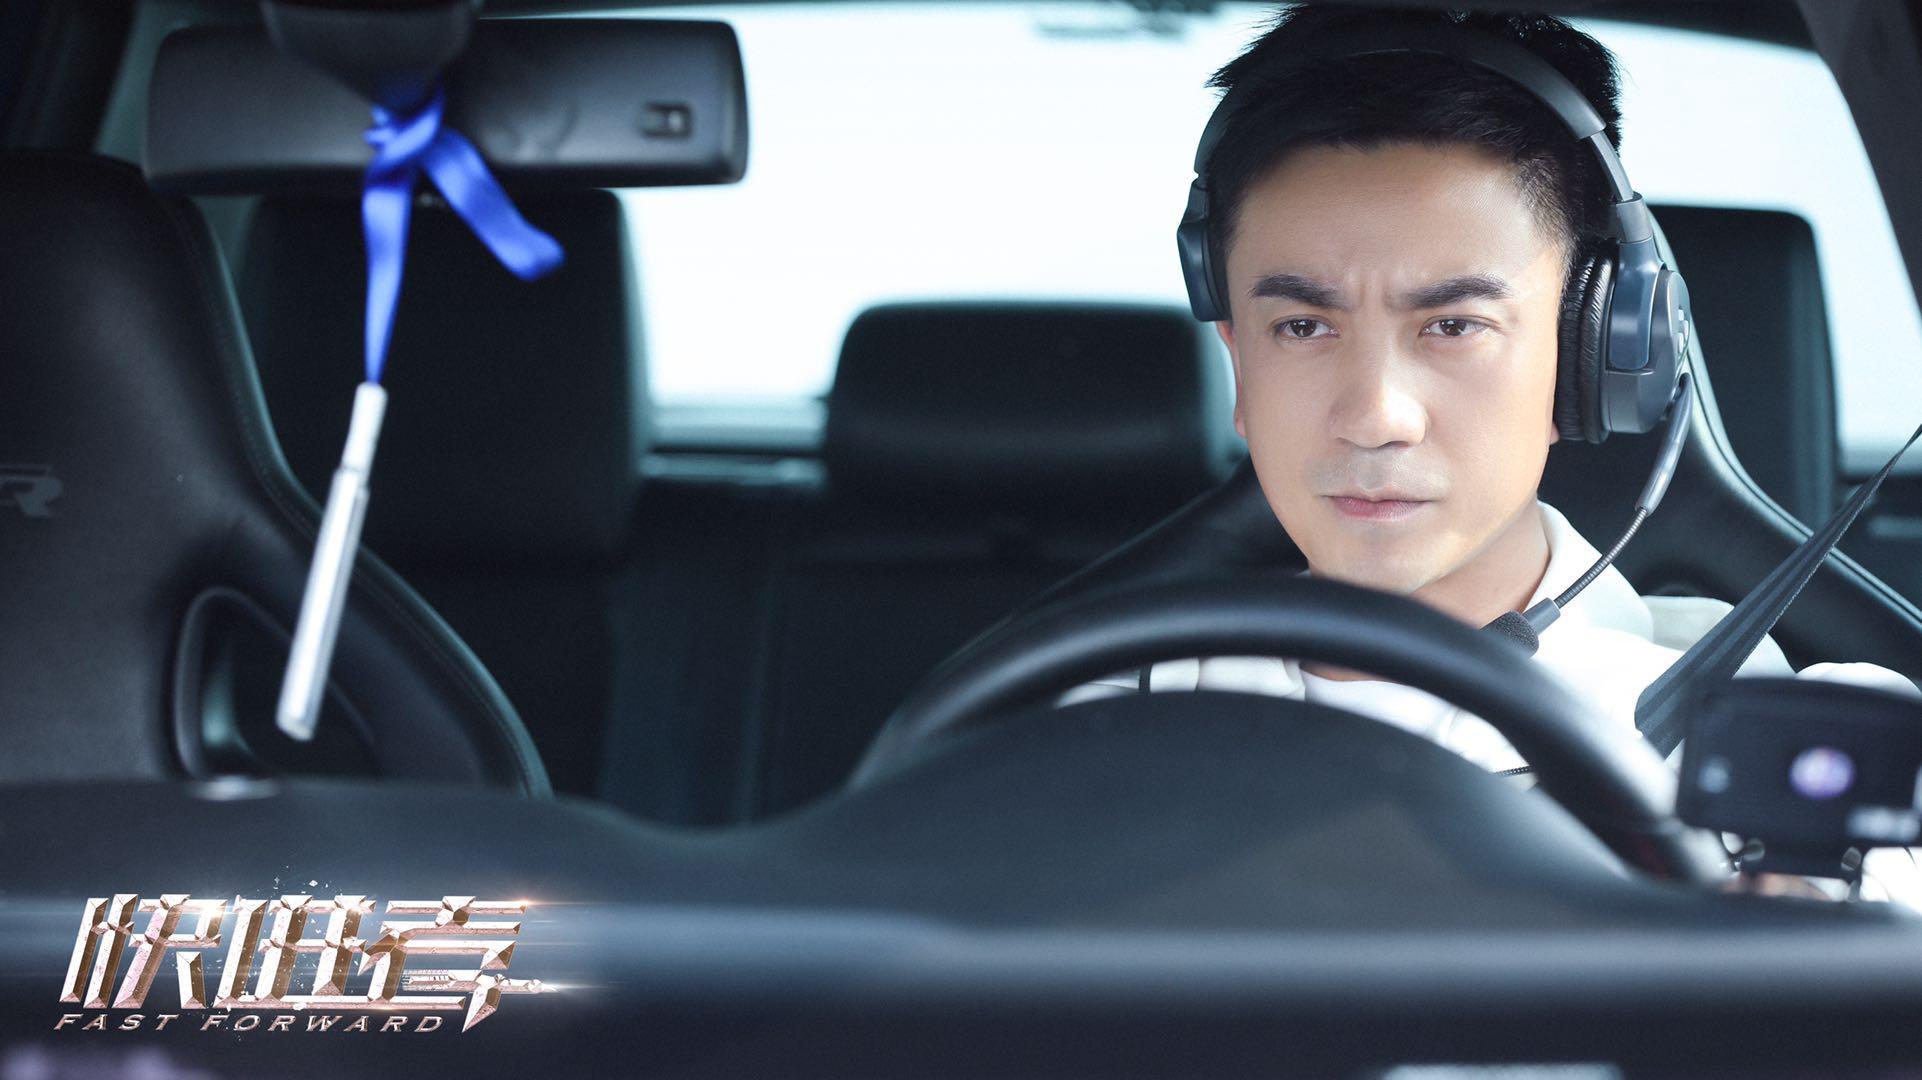 《快进者》张瑞涵成功逆袭追梦,体验极速重启新可能